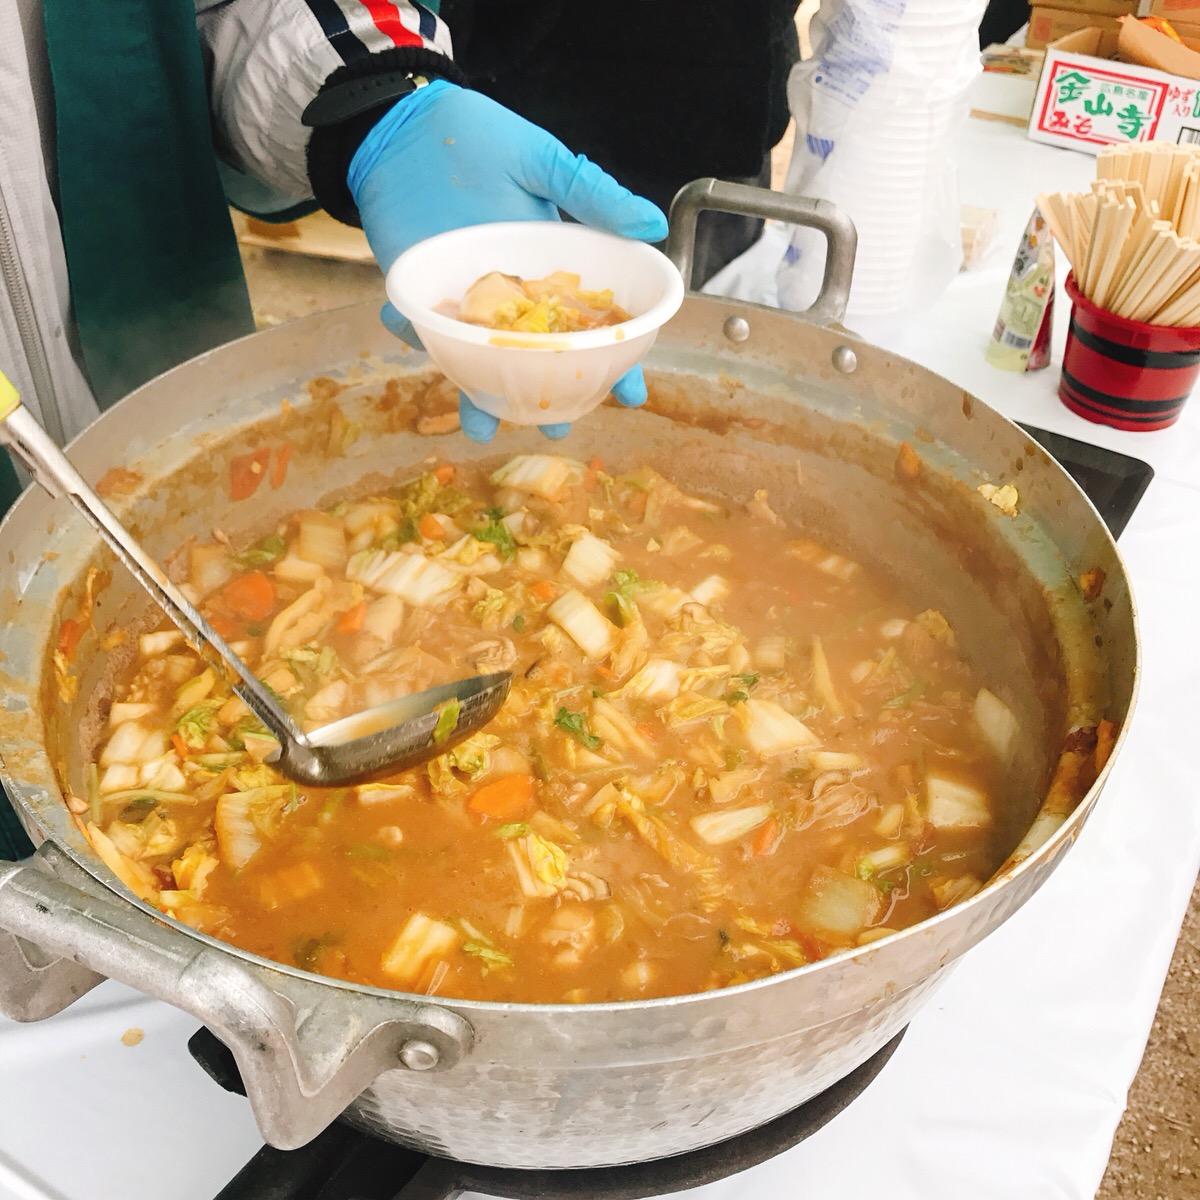 牡蠣祭り 宮島牡蠣祭り 牡蠣鍋 牡蠣の土手鍋 大鍋